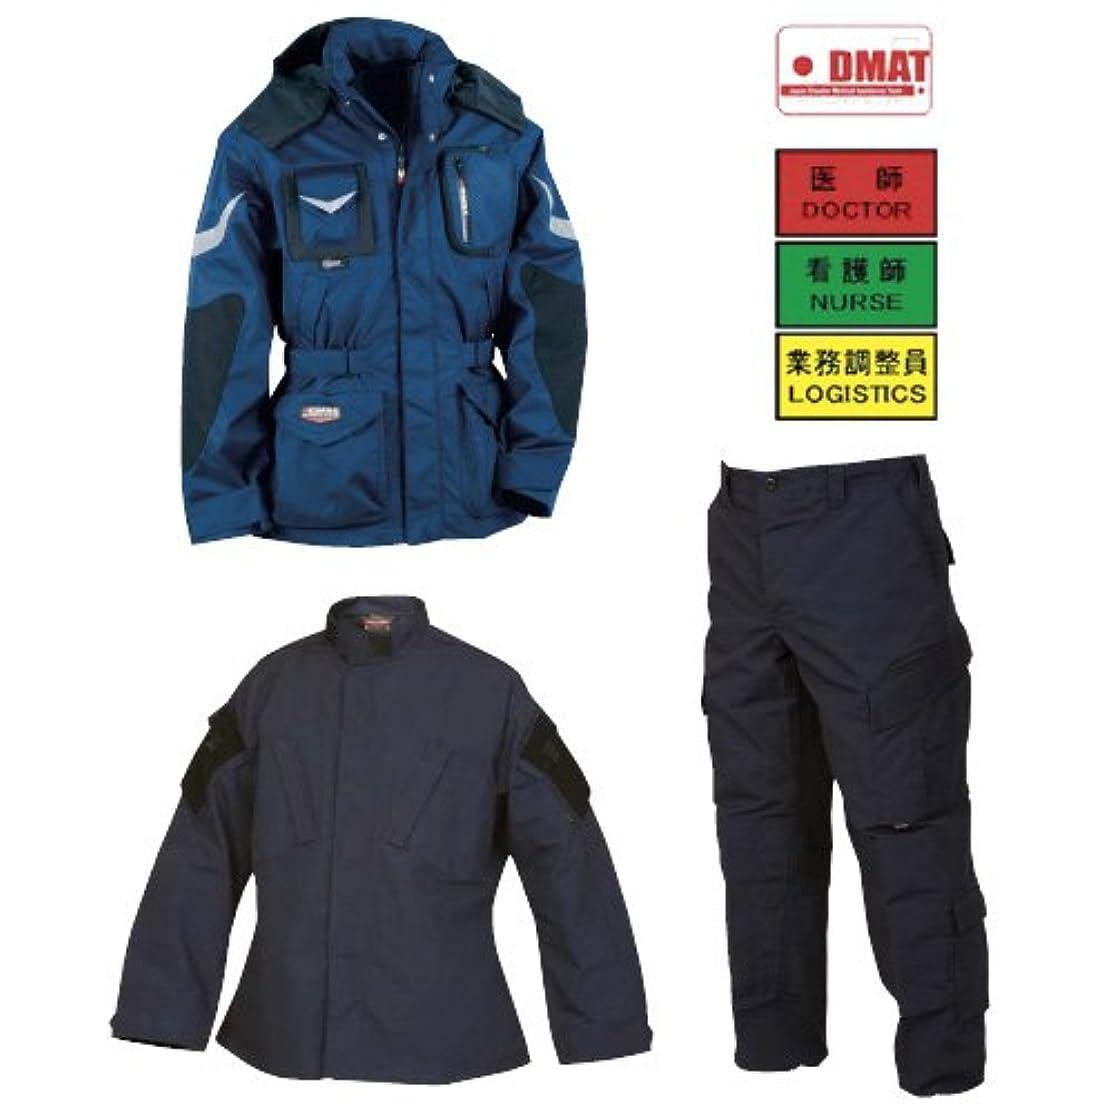 悪夢層解釈EMSユーティリティシャツ GLS-247S(L) EMS?????????? ブラック(23-7533-02-02)【日本特装】[1枚単位]